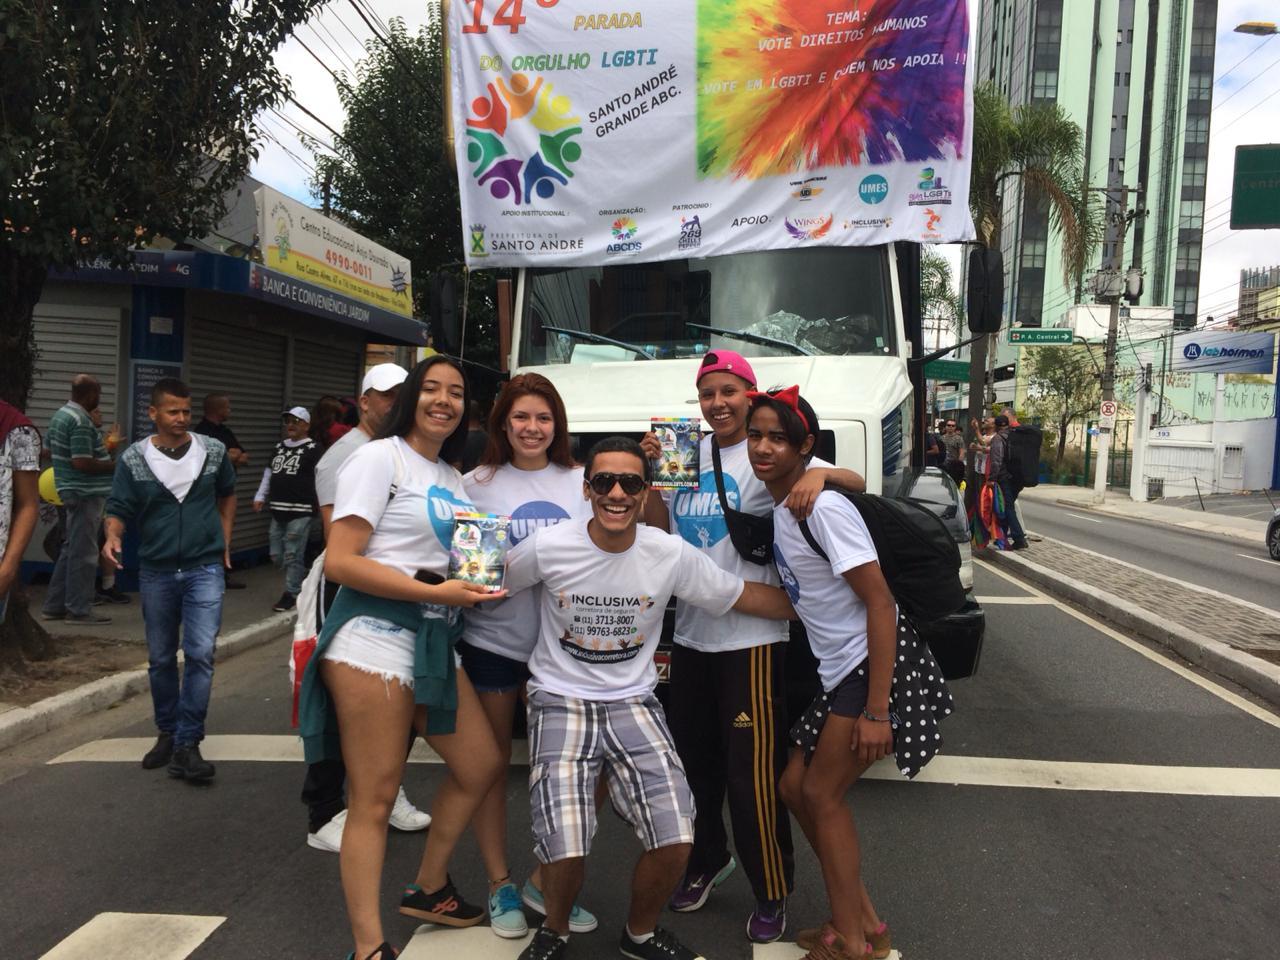 Dia 16 de setembro de 2018 tivemos a 14°Parada do Orgulho LGBT de SANTO ANDRÉ